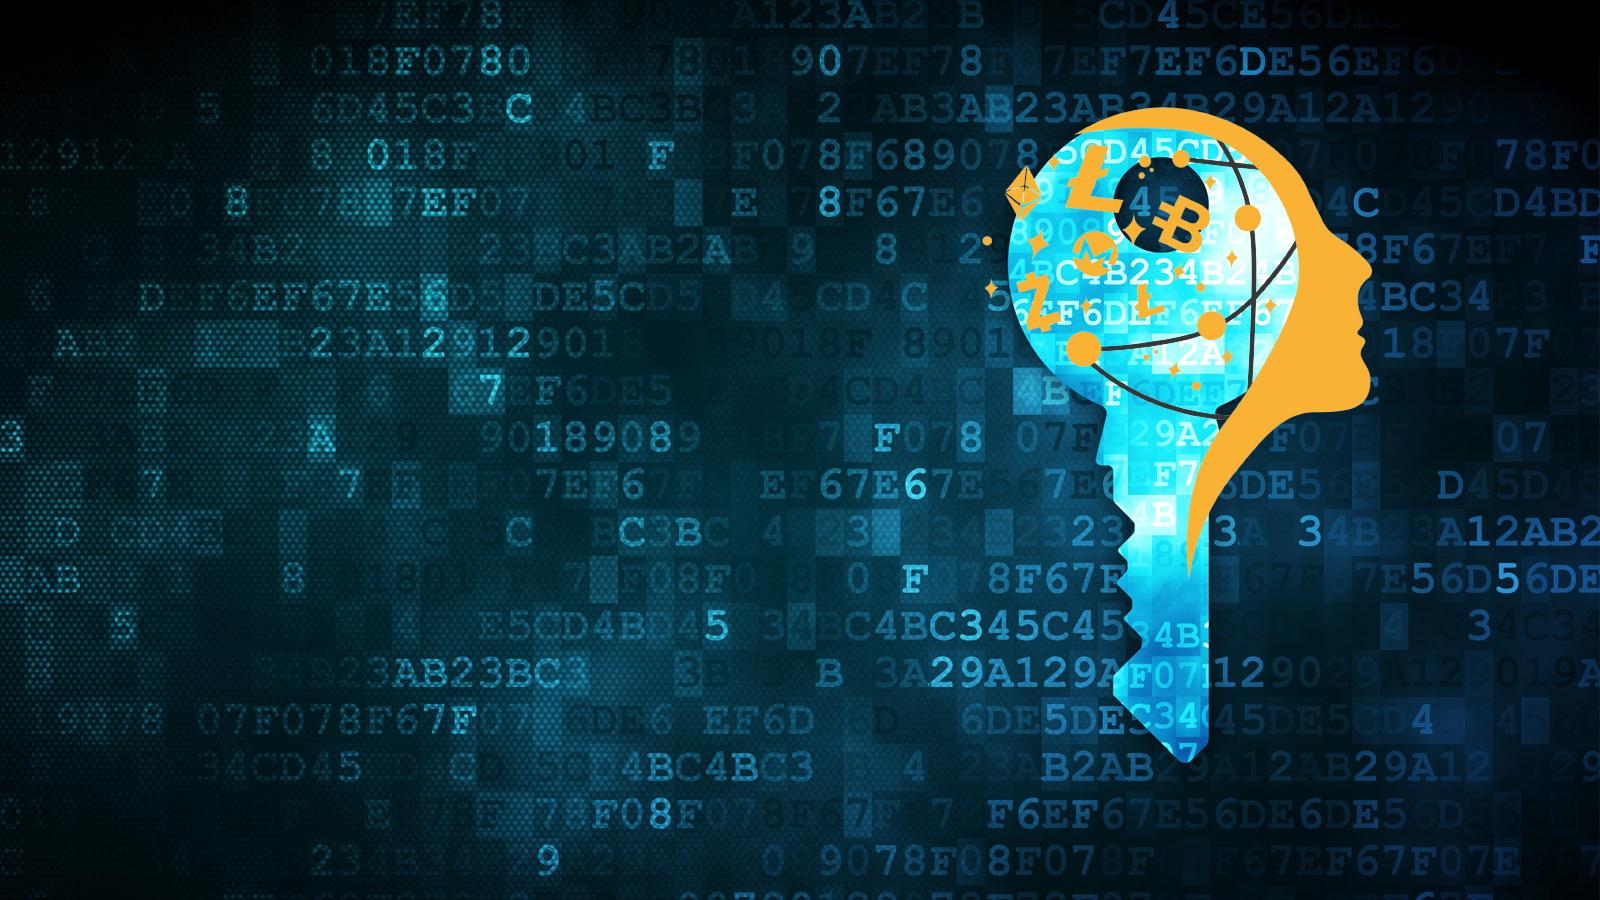 bilgi kripto gizlilik politikası